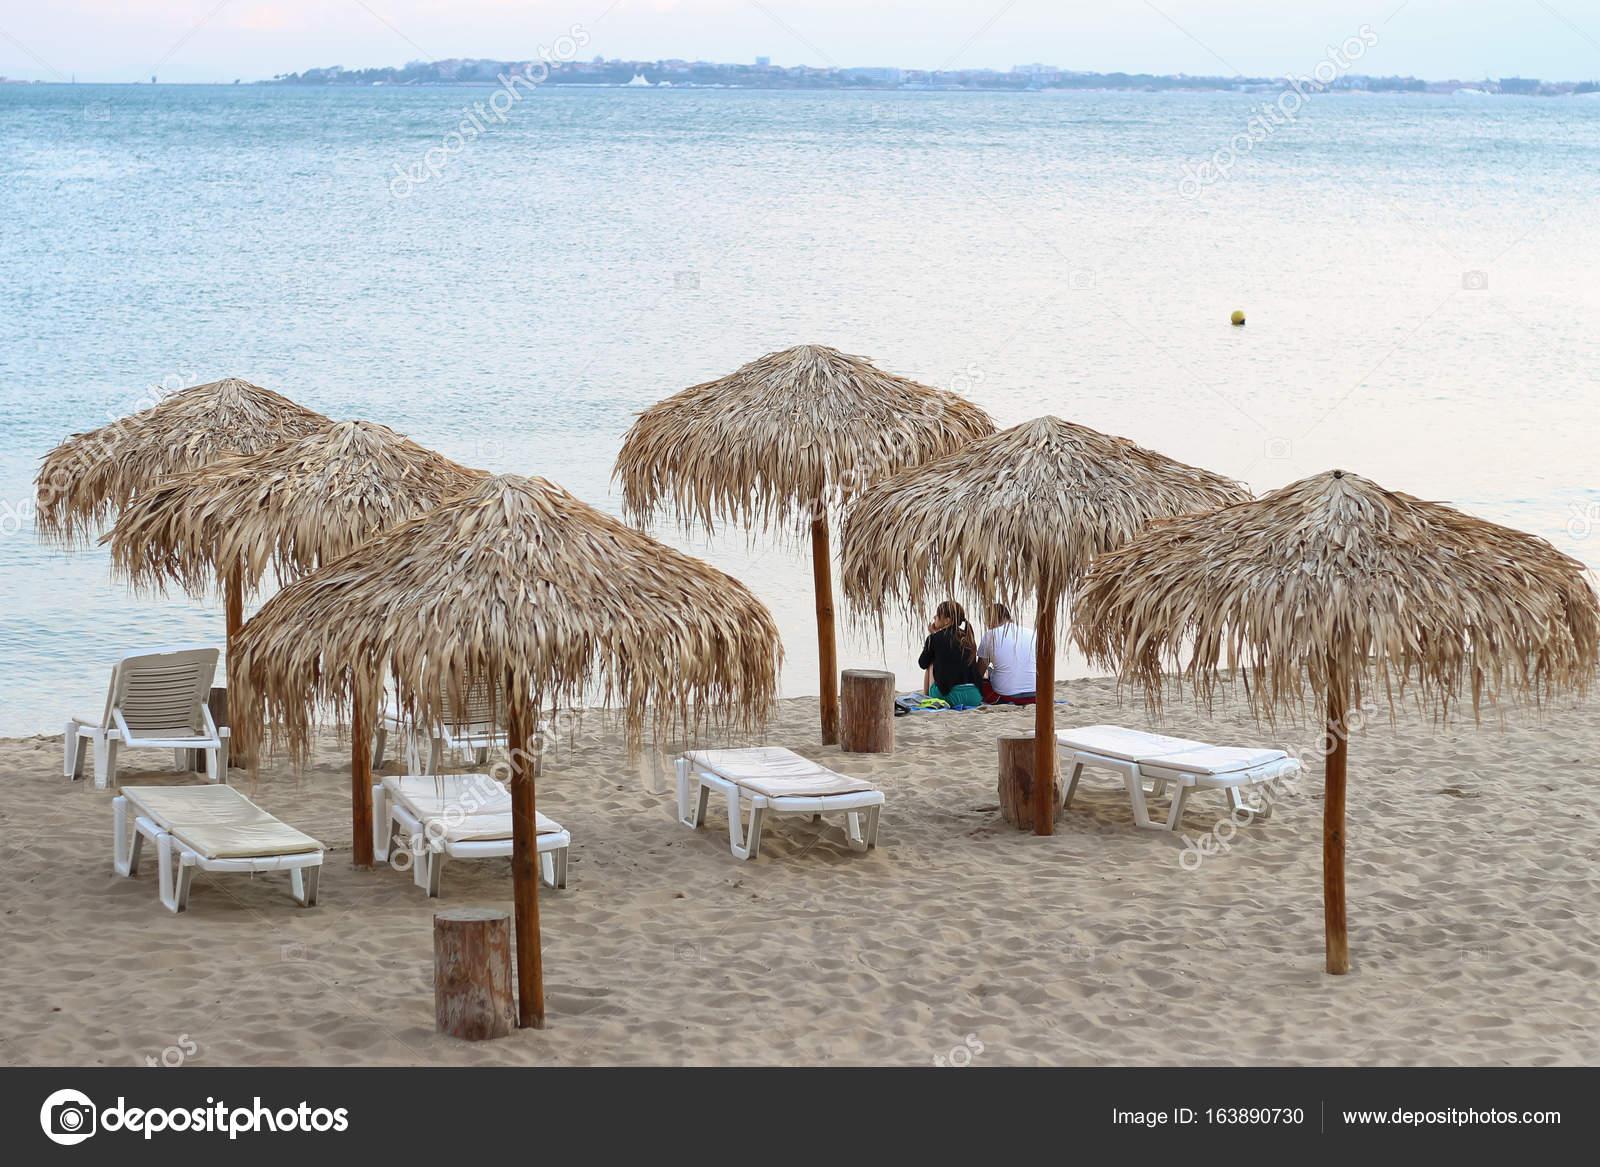 Strandkorb am meer wallpaper  Urlaub Ferien Hintergrund Wallpaper - zwei Strand Liegestühle unter ...